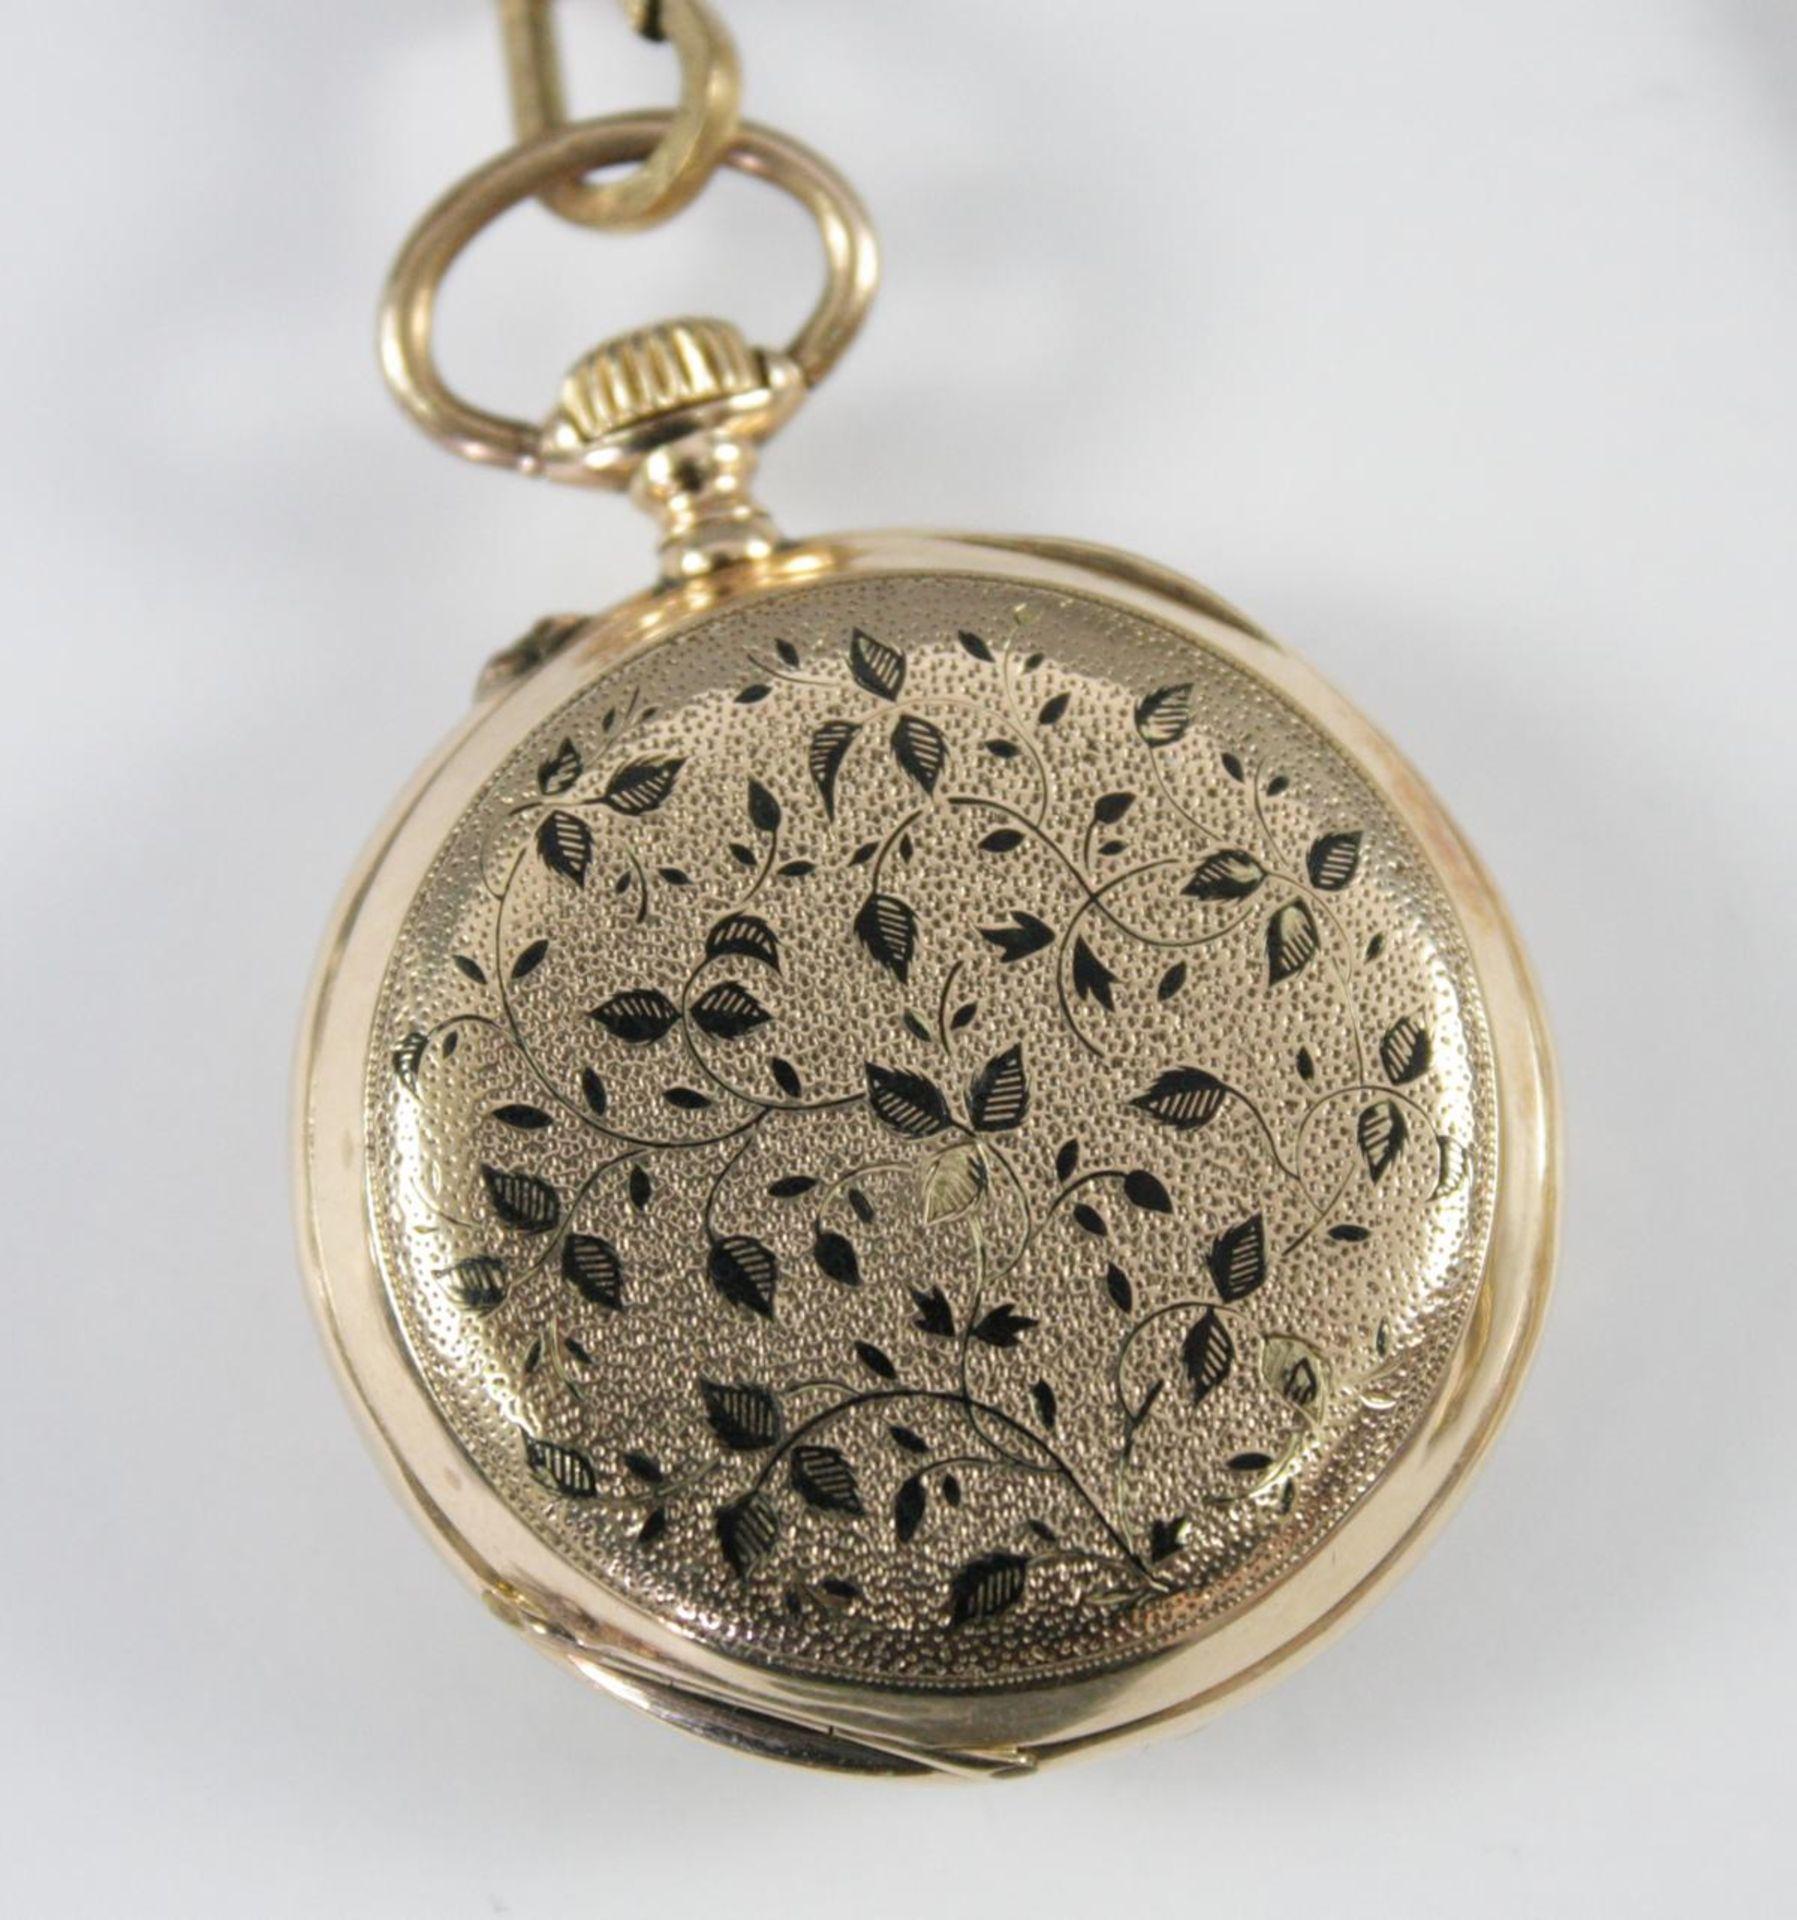 Goldene Damentaschenuhr, 14 Karat Gelbgold - Bild 3 aus 6